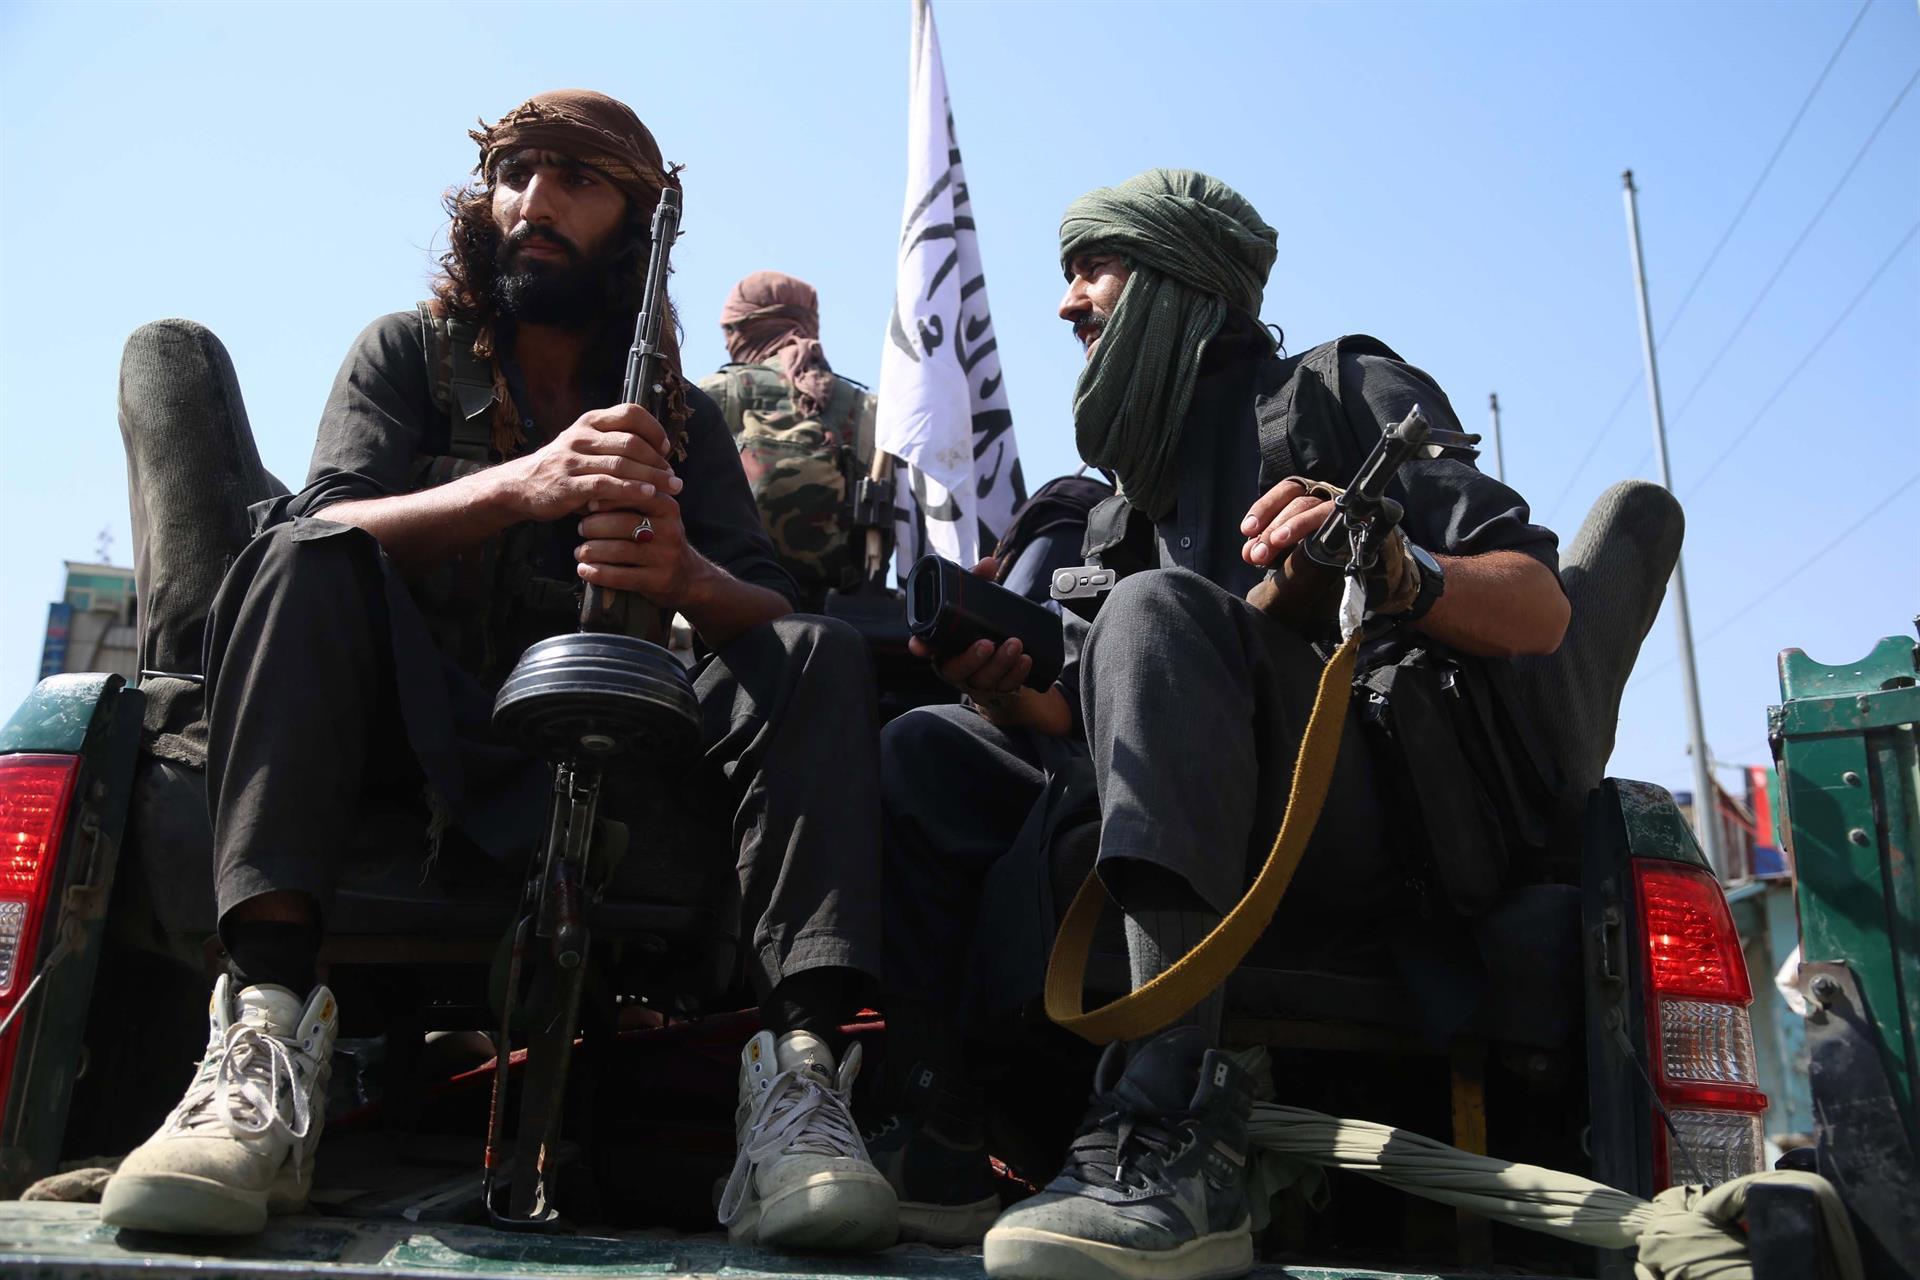 Combatentes do Talibã em Jalalabad, Afeganistão, 17 de agosto de 2021